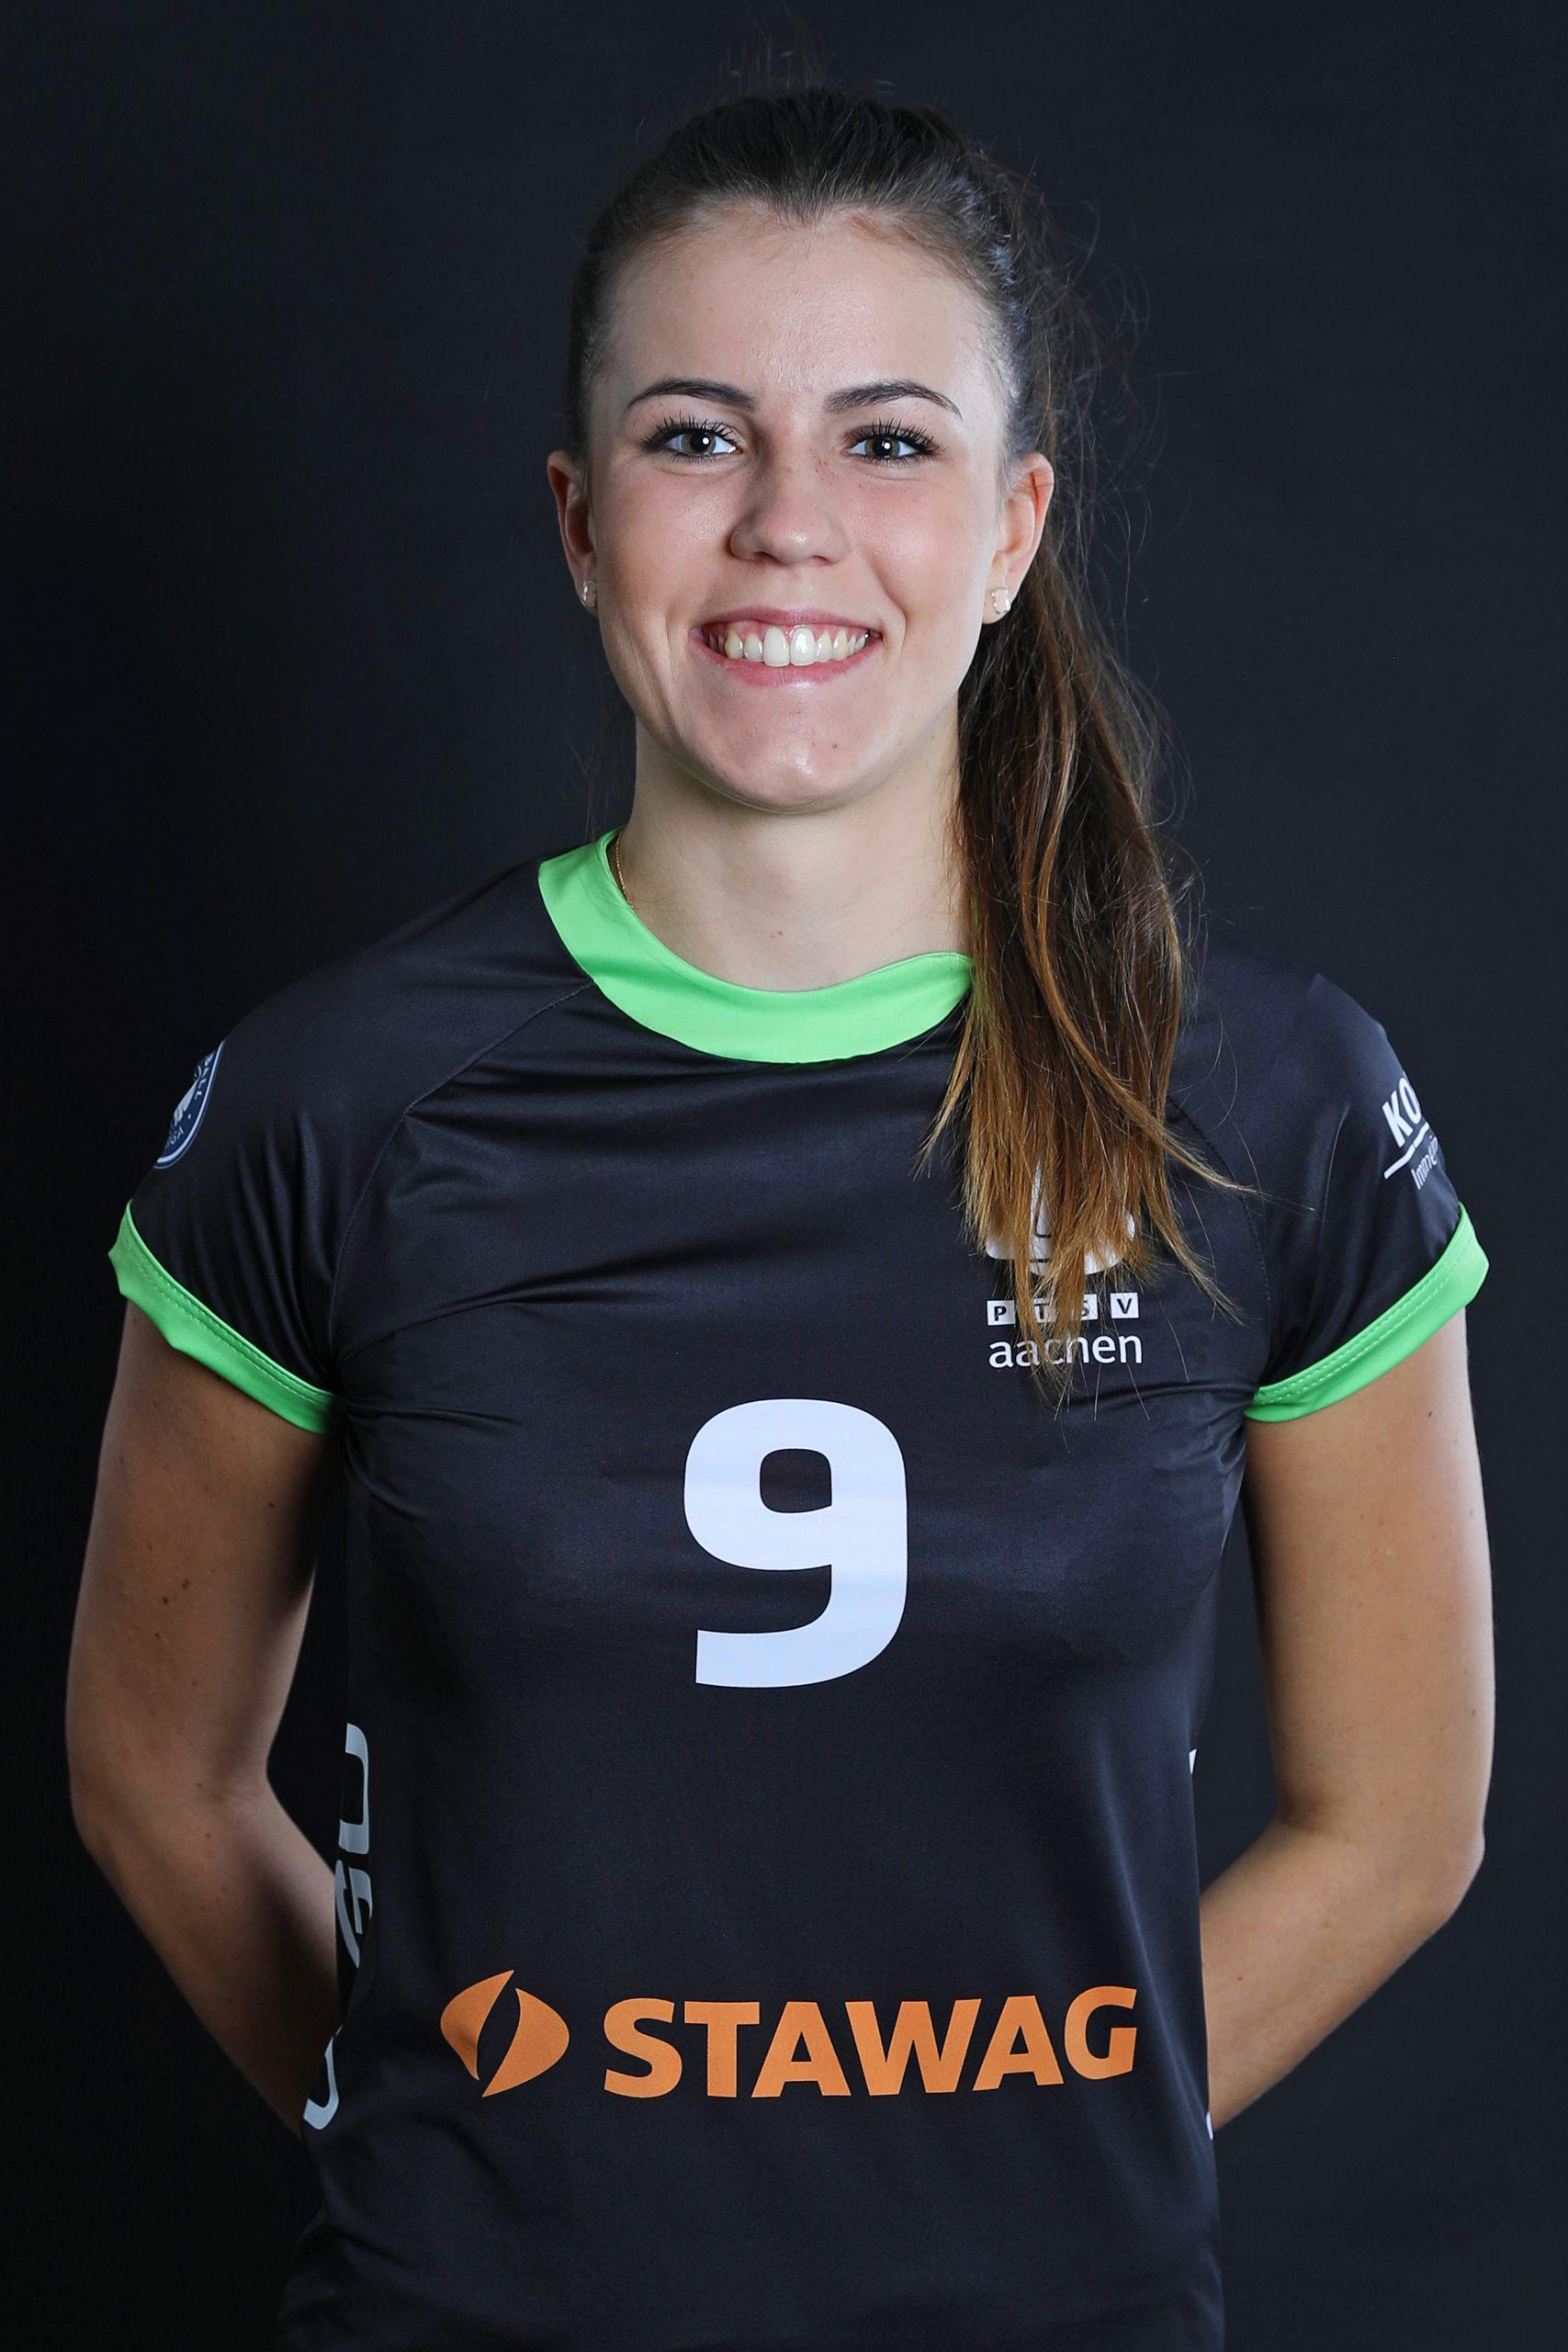 Karolina Pisla